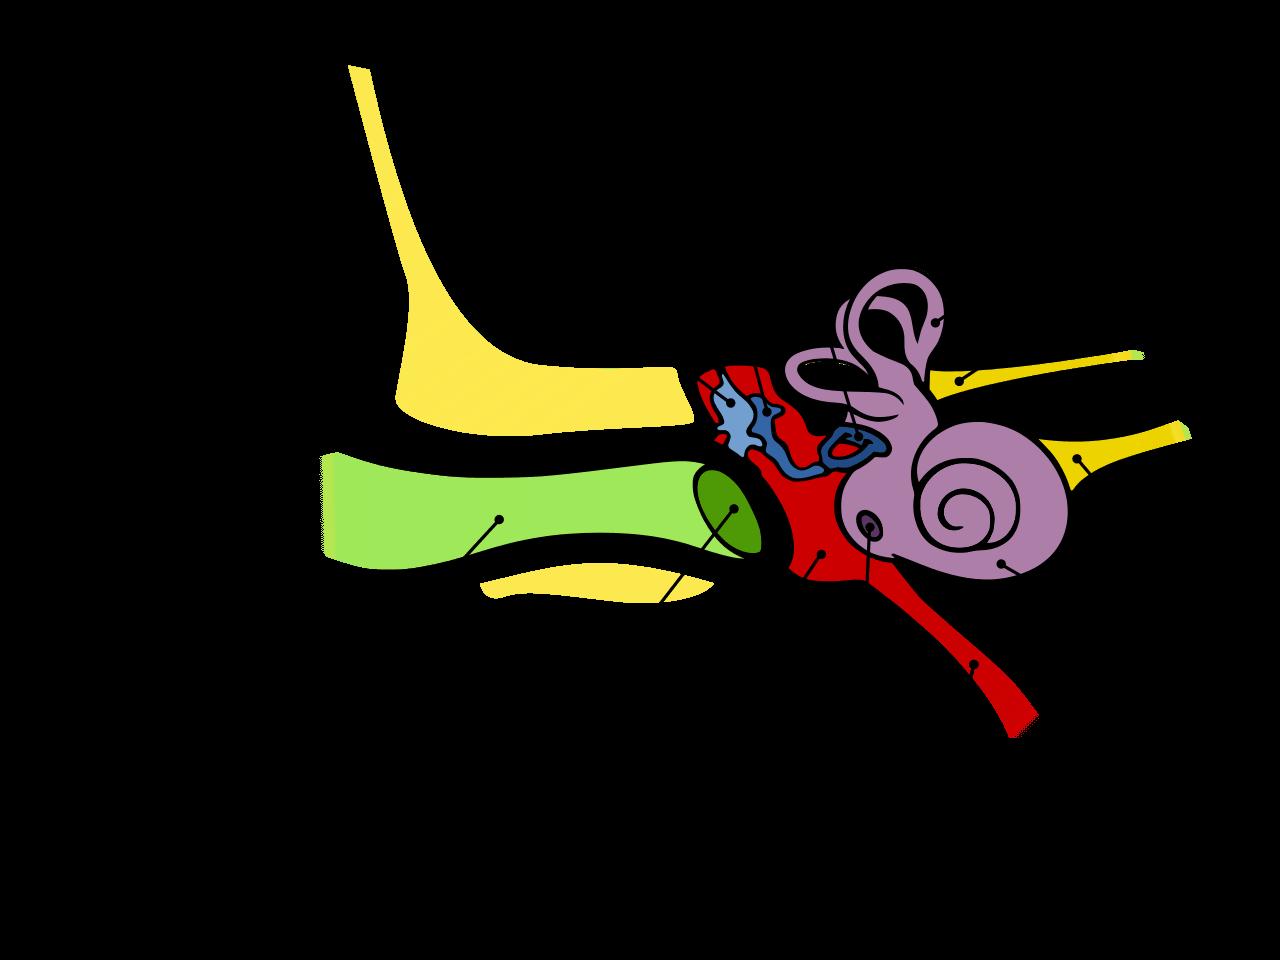 struktur telinga